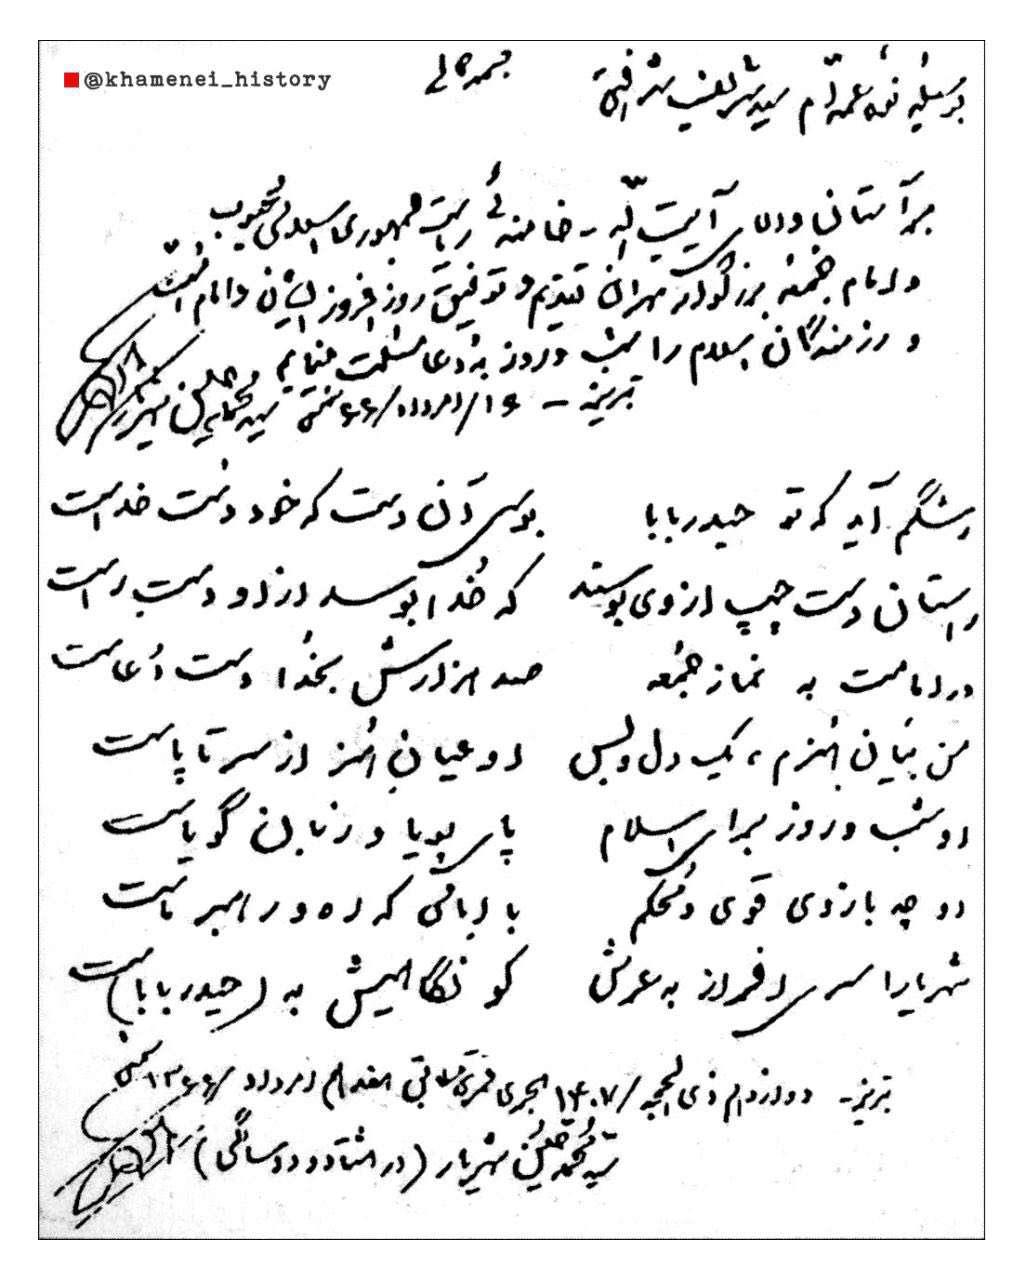 شعر تقدیمی شهریار به حضرت آیتالله خامنهای در سال ۱۳۶۶ با دستخط مرحوم شهریار